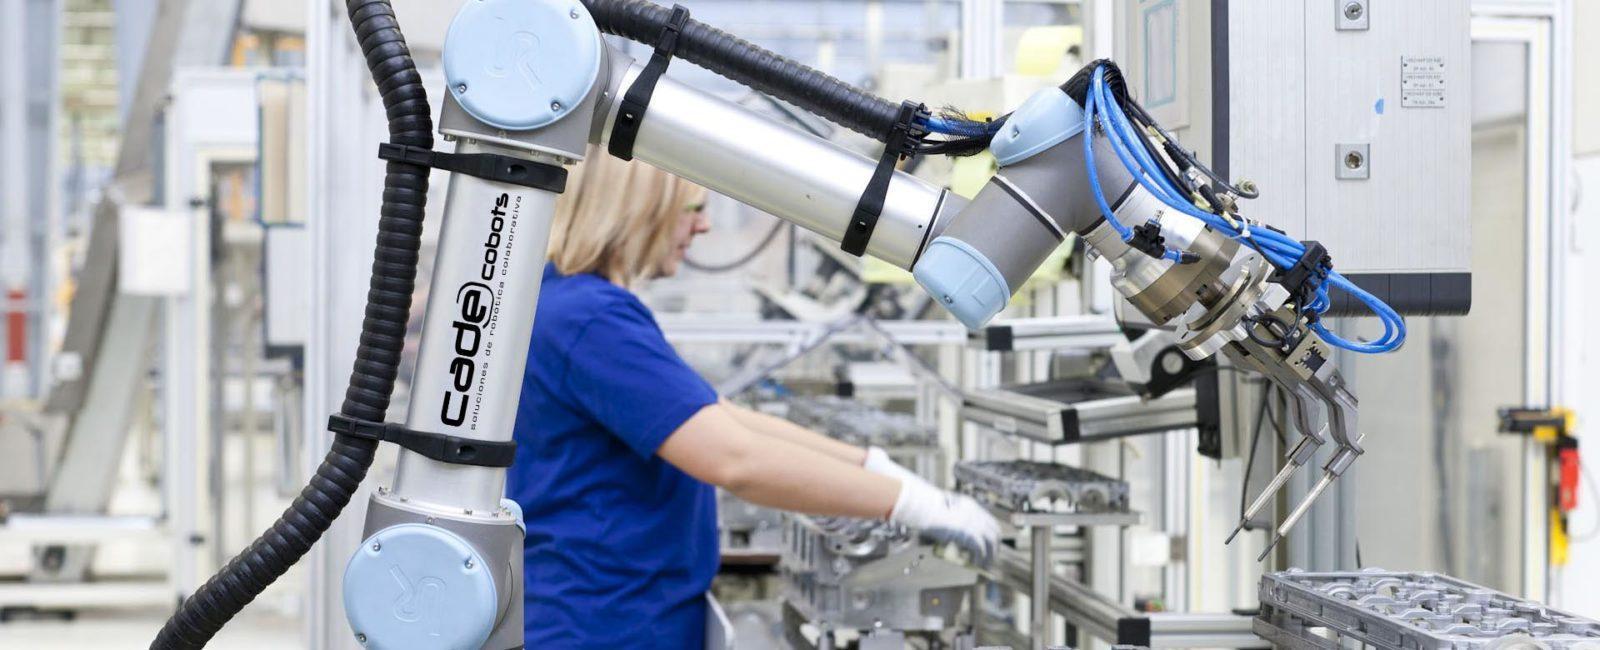 10 pasos para automatizar procesos con robots colaborativos